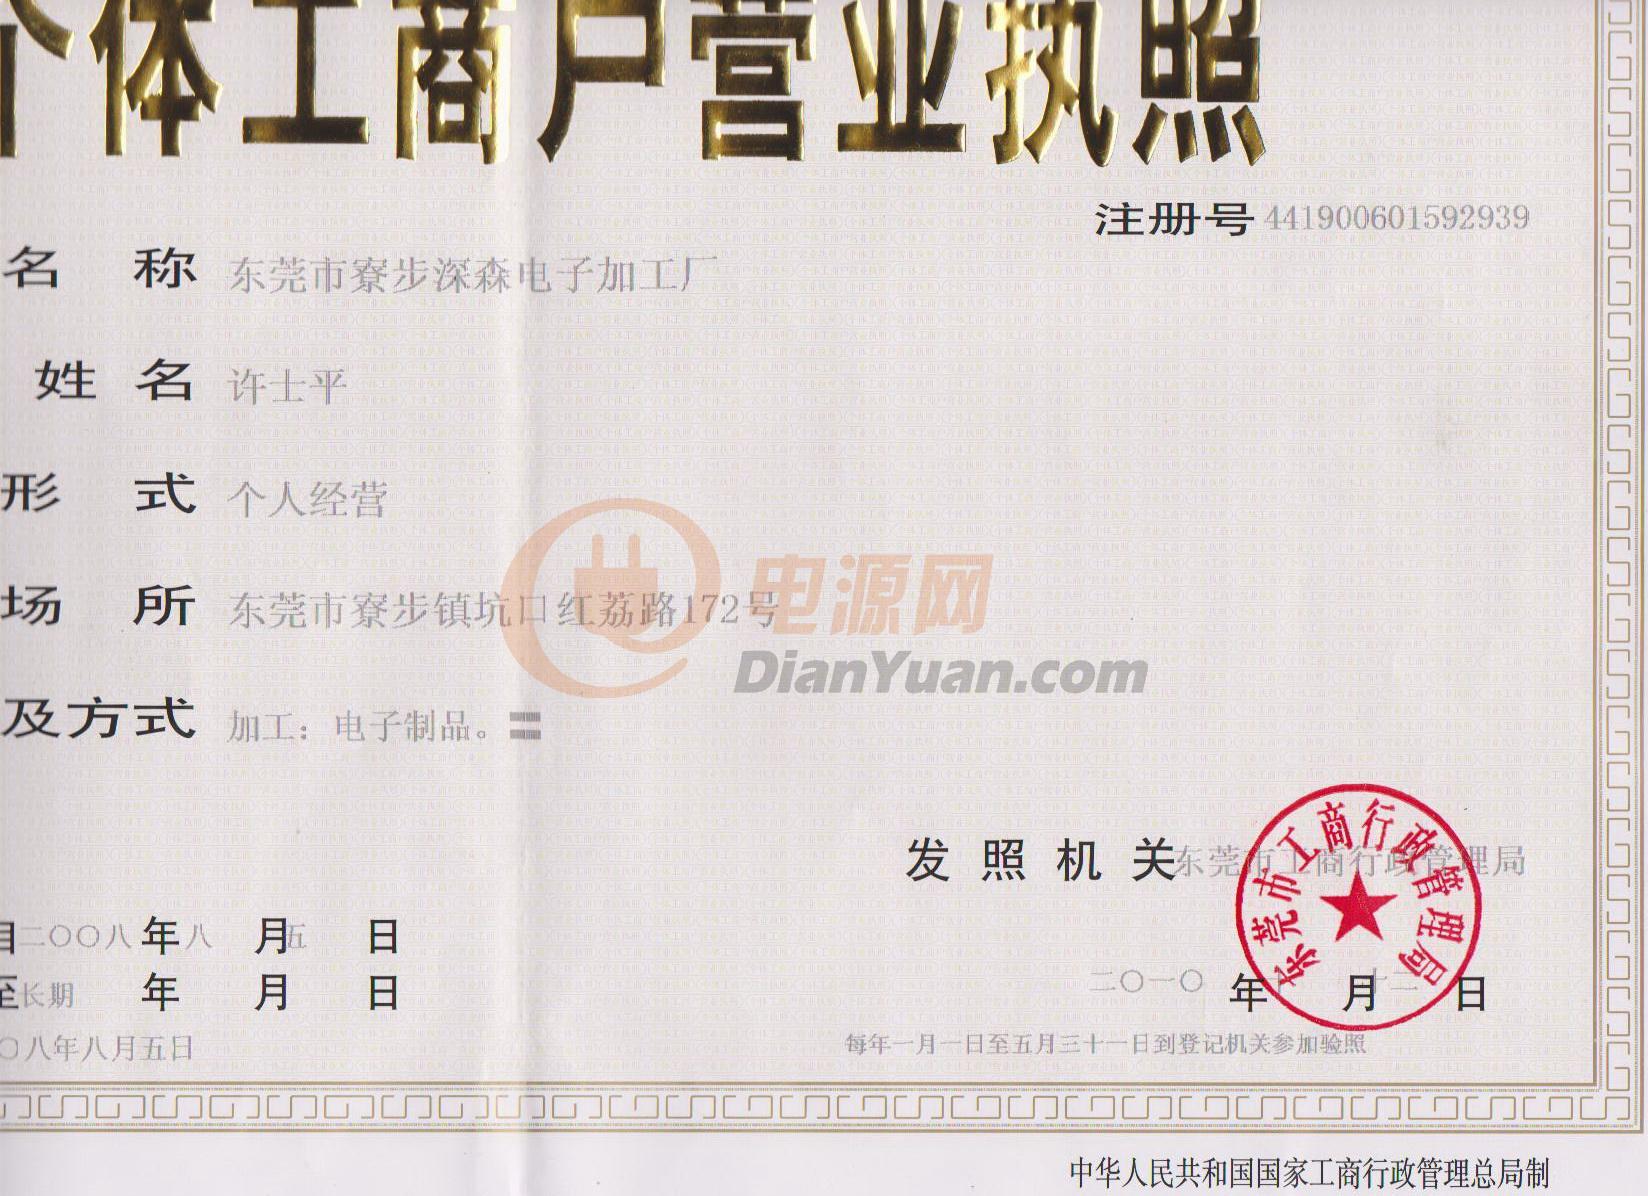 广东省东莞市地税局_东莞寮步深森电子厂的证书荣誉